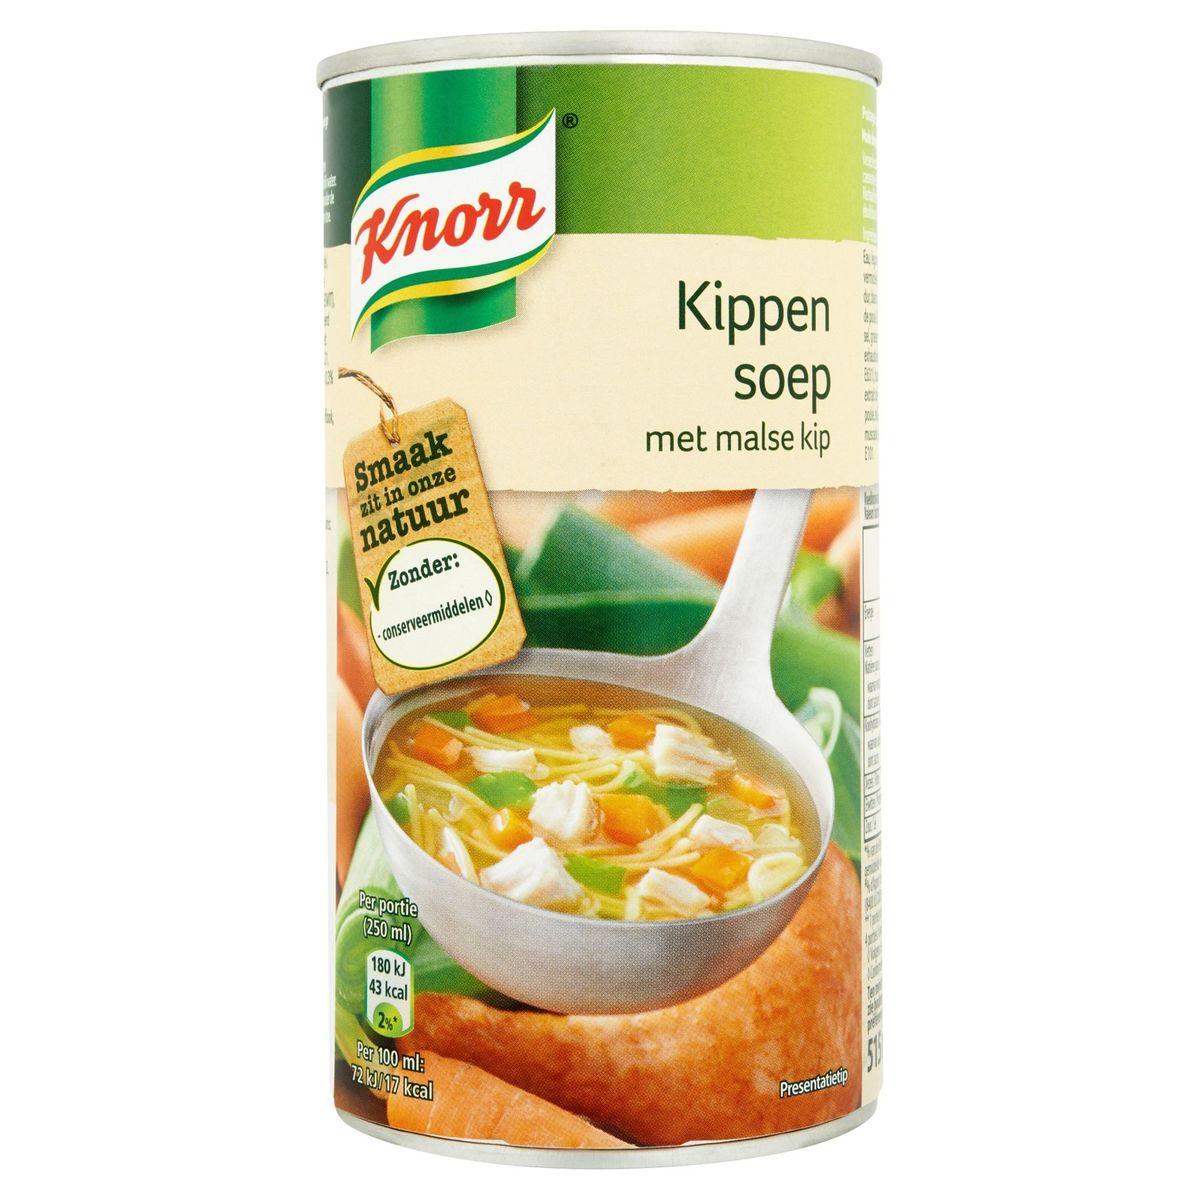 Knorr Blik Soep Kip 515 ml